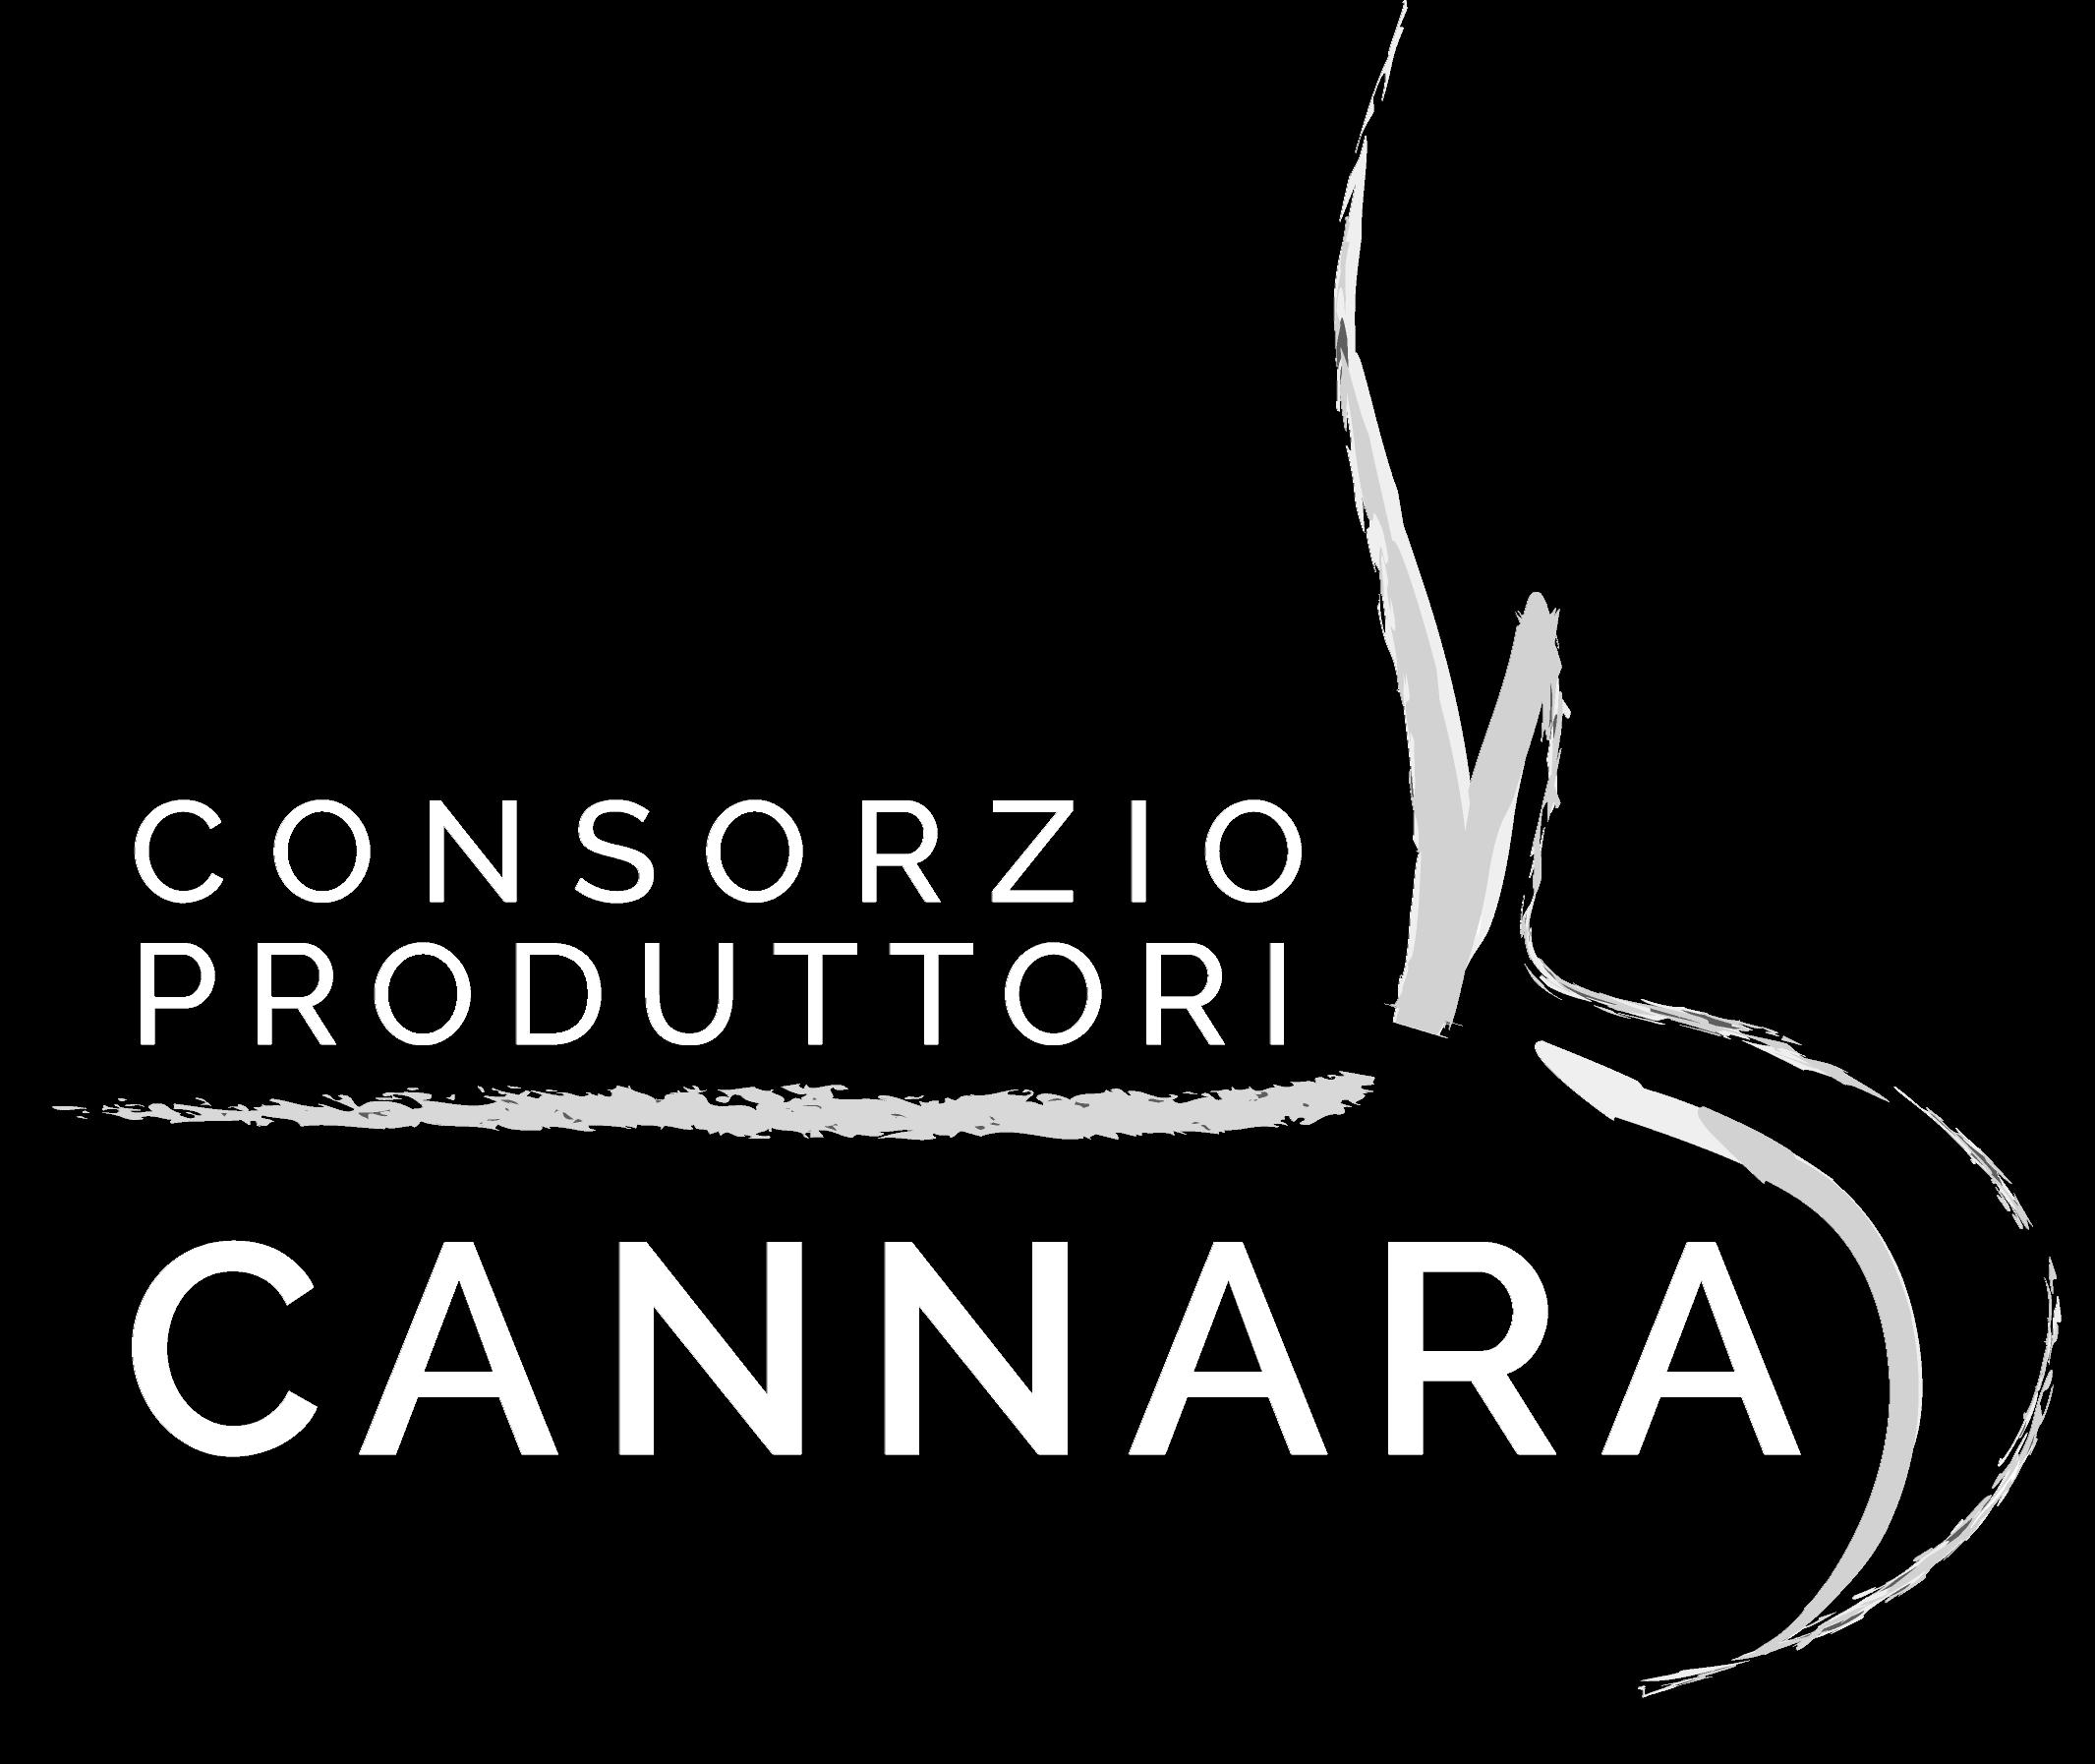 Consorzio della Cipolla di Cannara